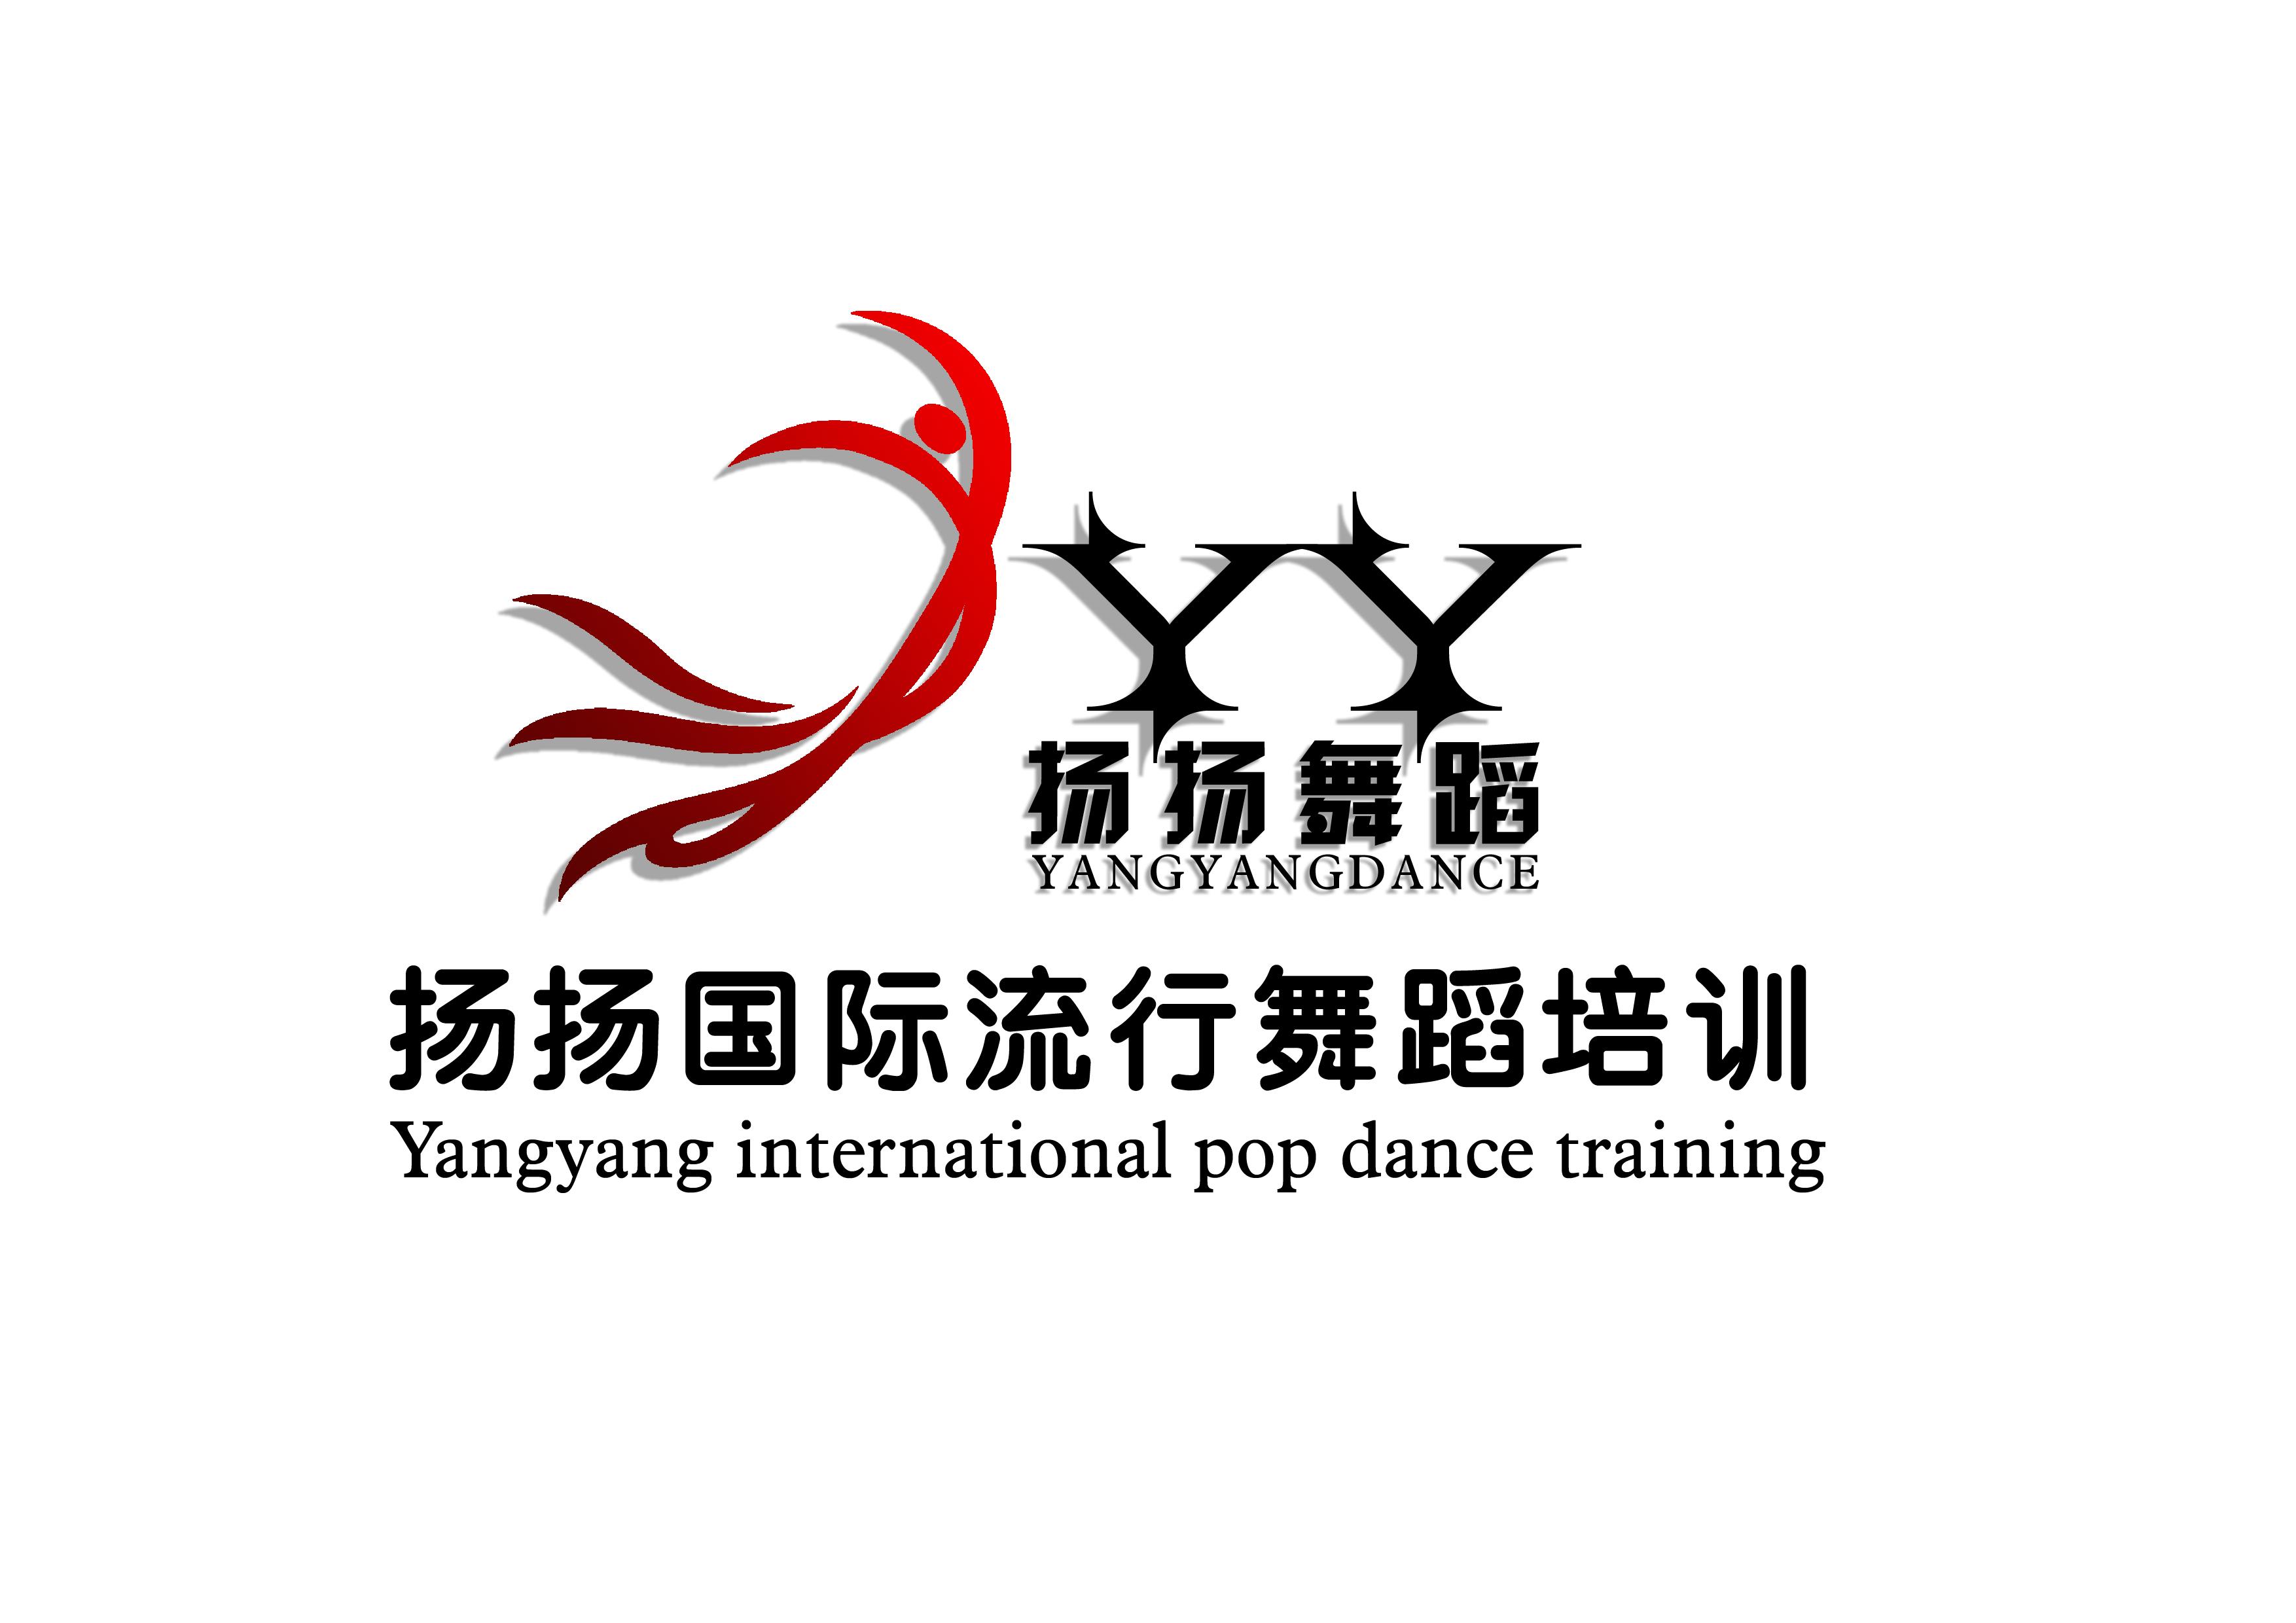 肚皮舞logo创意设计